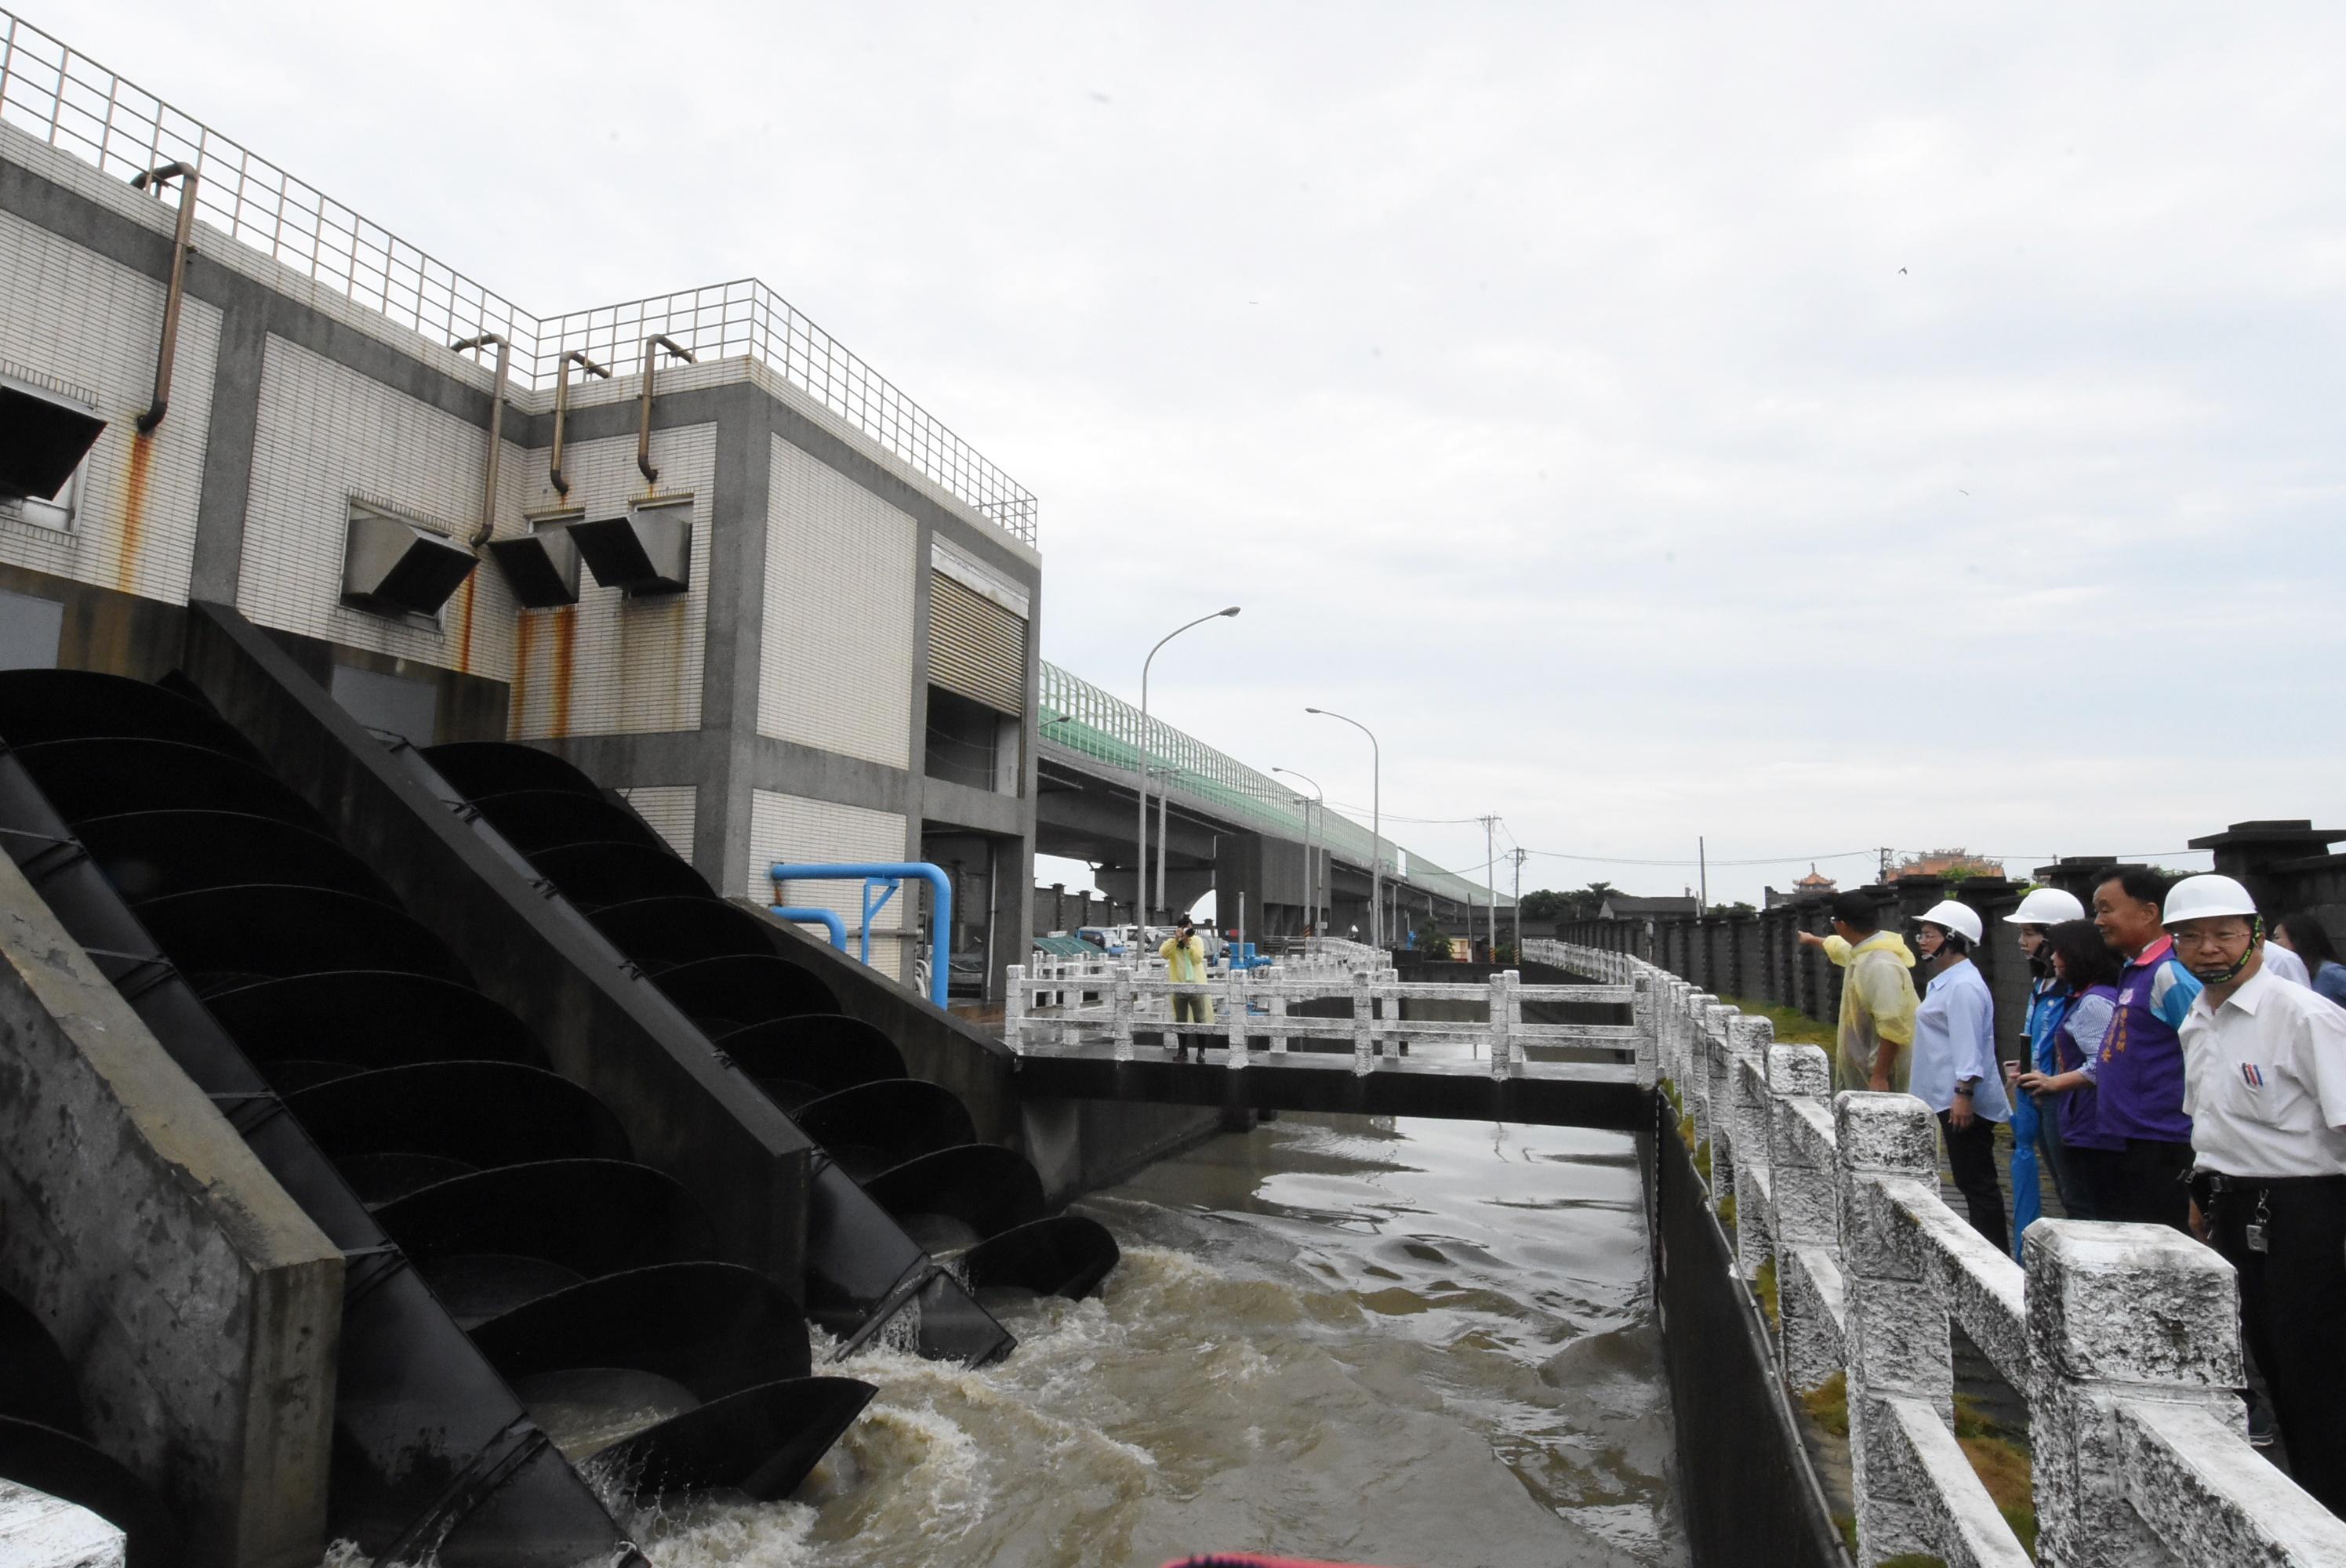 彰化縣水利建造物檢查中央考評  成果優異並列冠軍  獲一千萬元補助